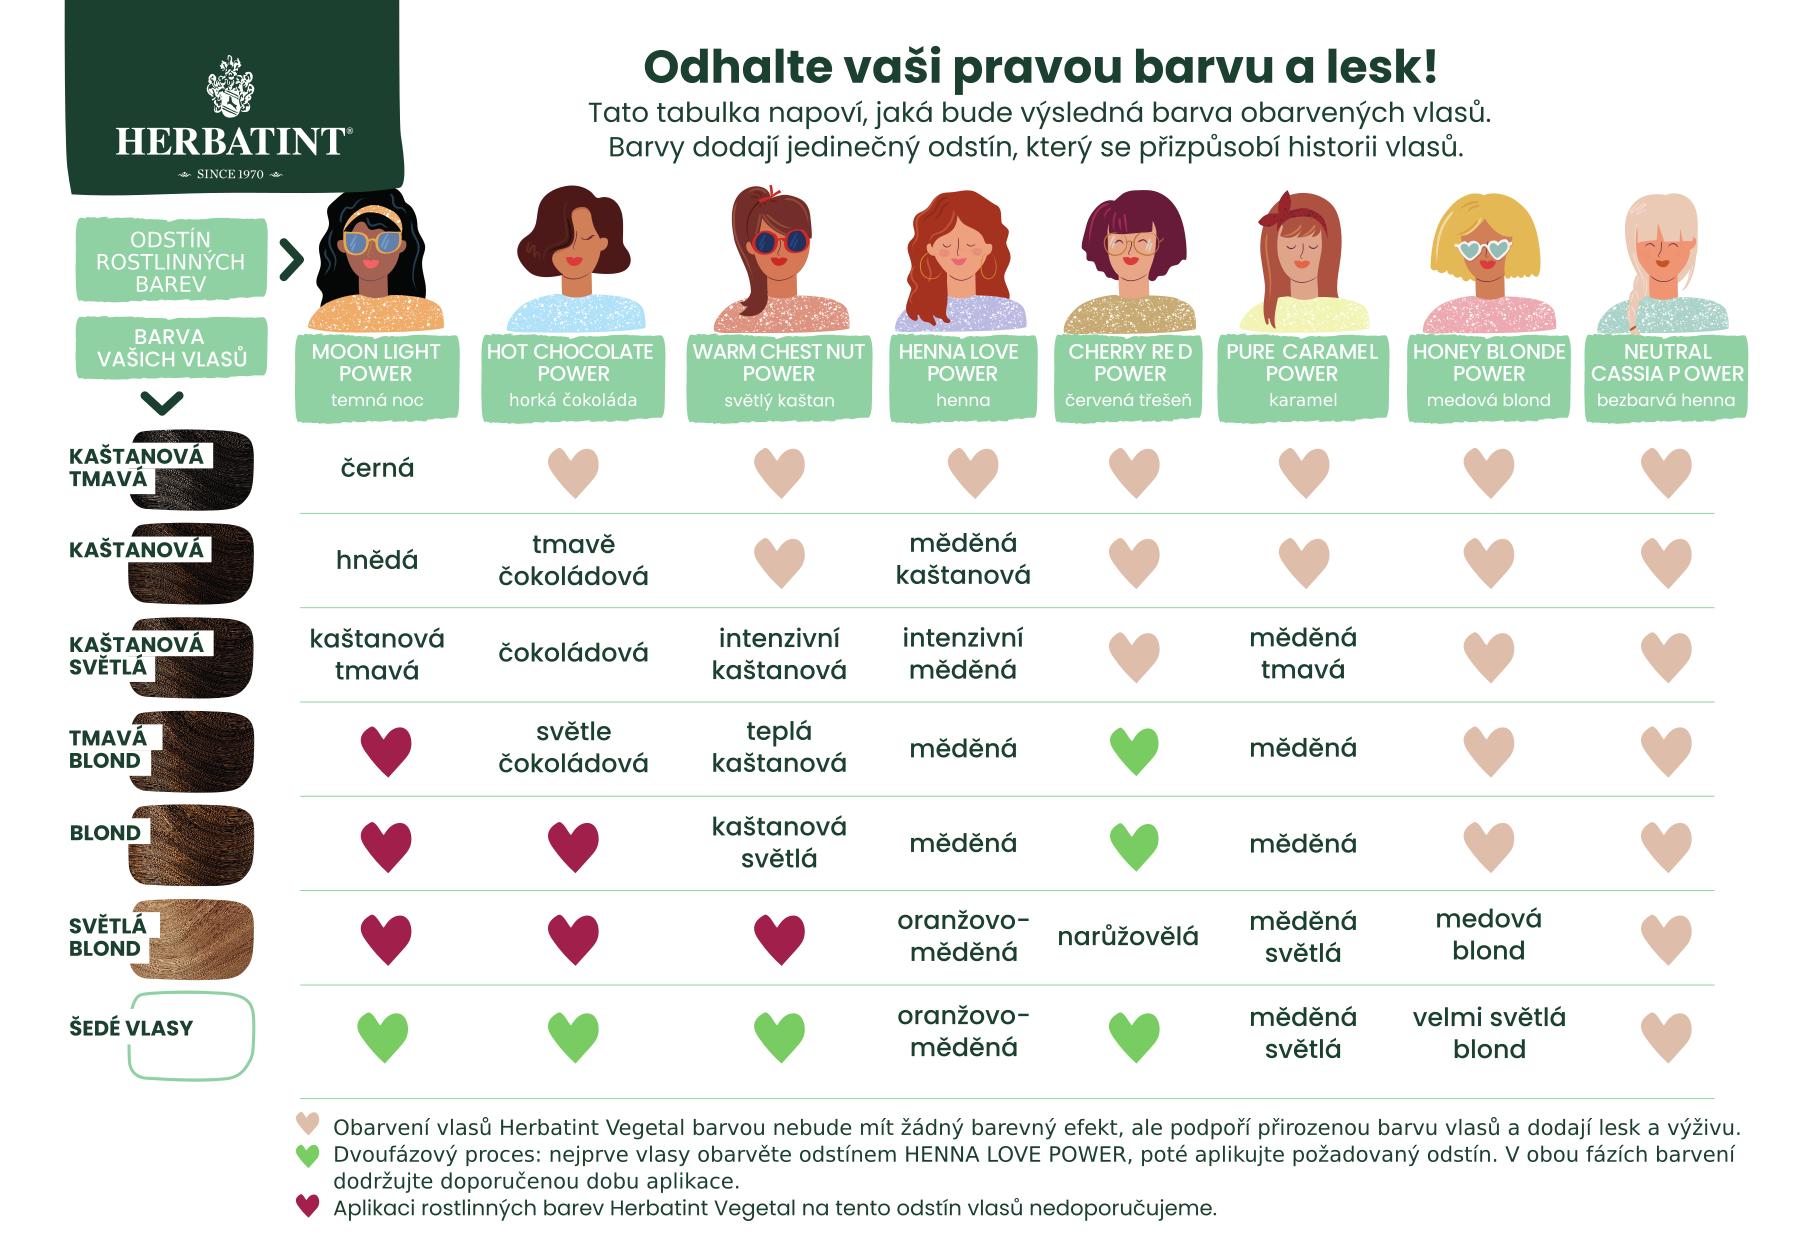 karta_odstinu